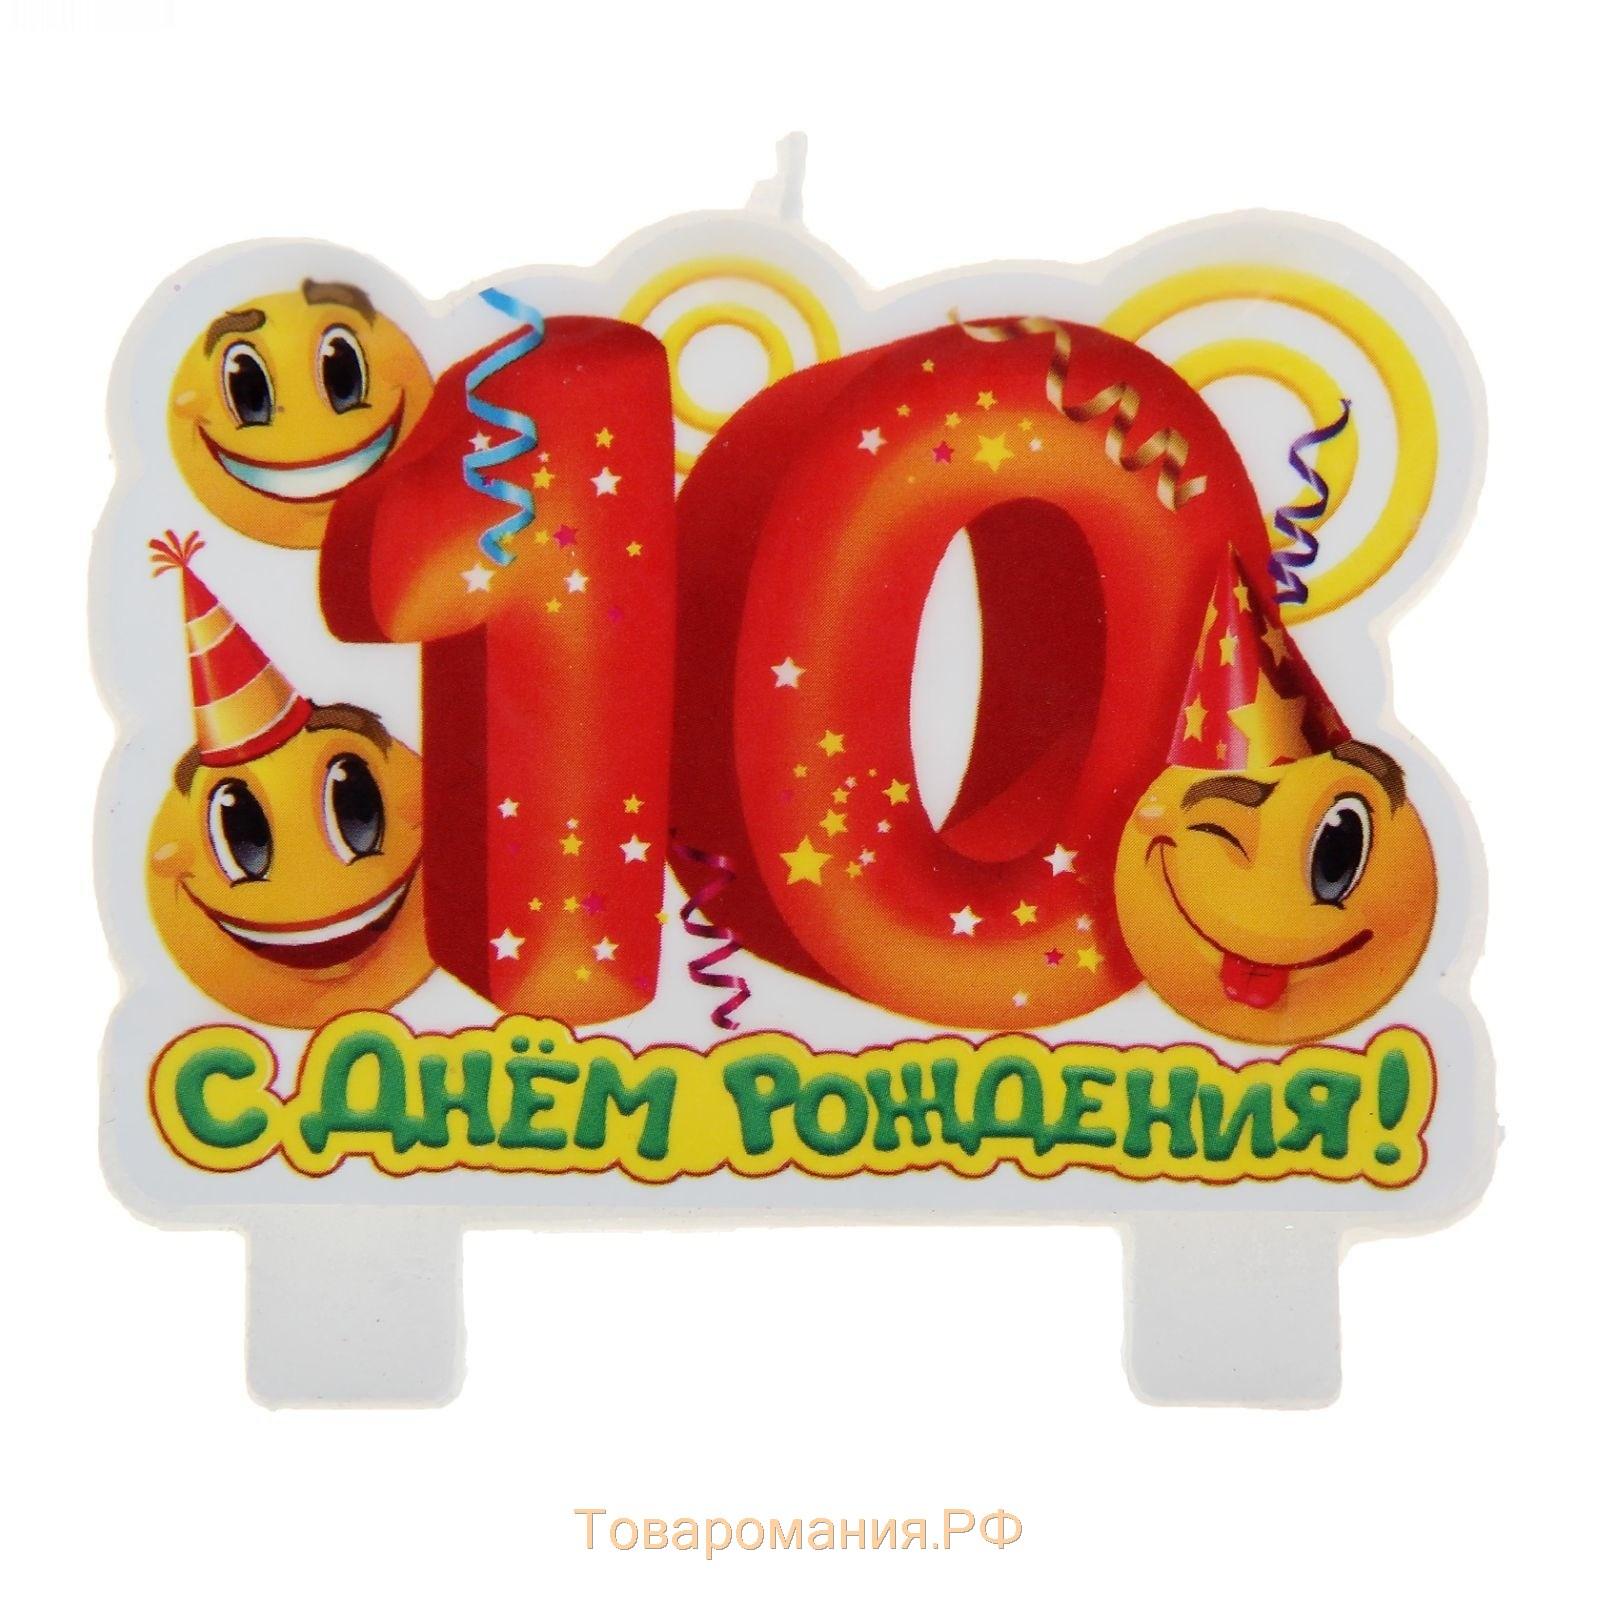 Поздравления для сына 10лет